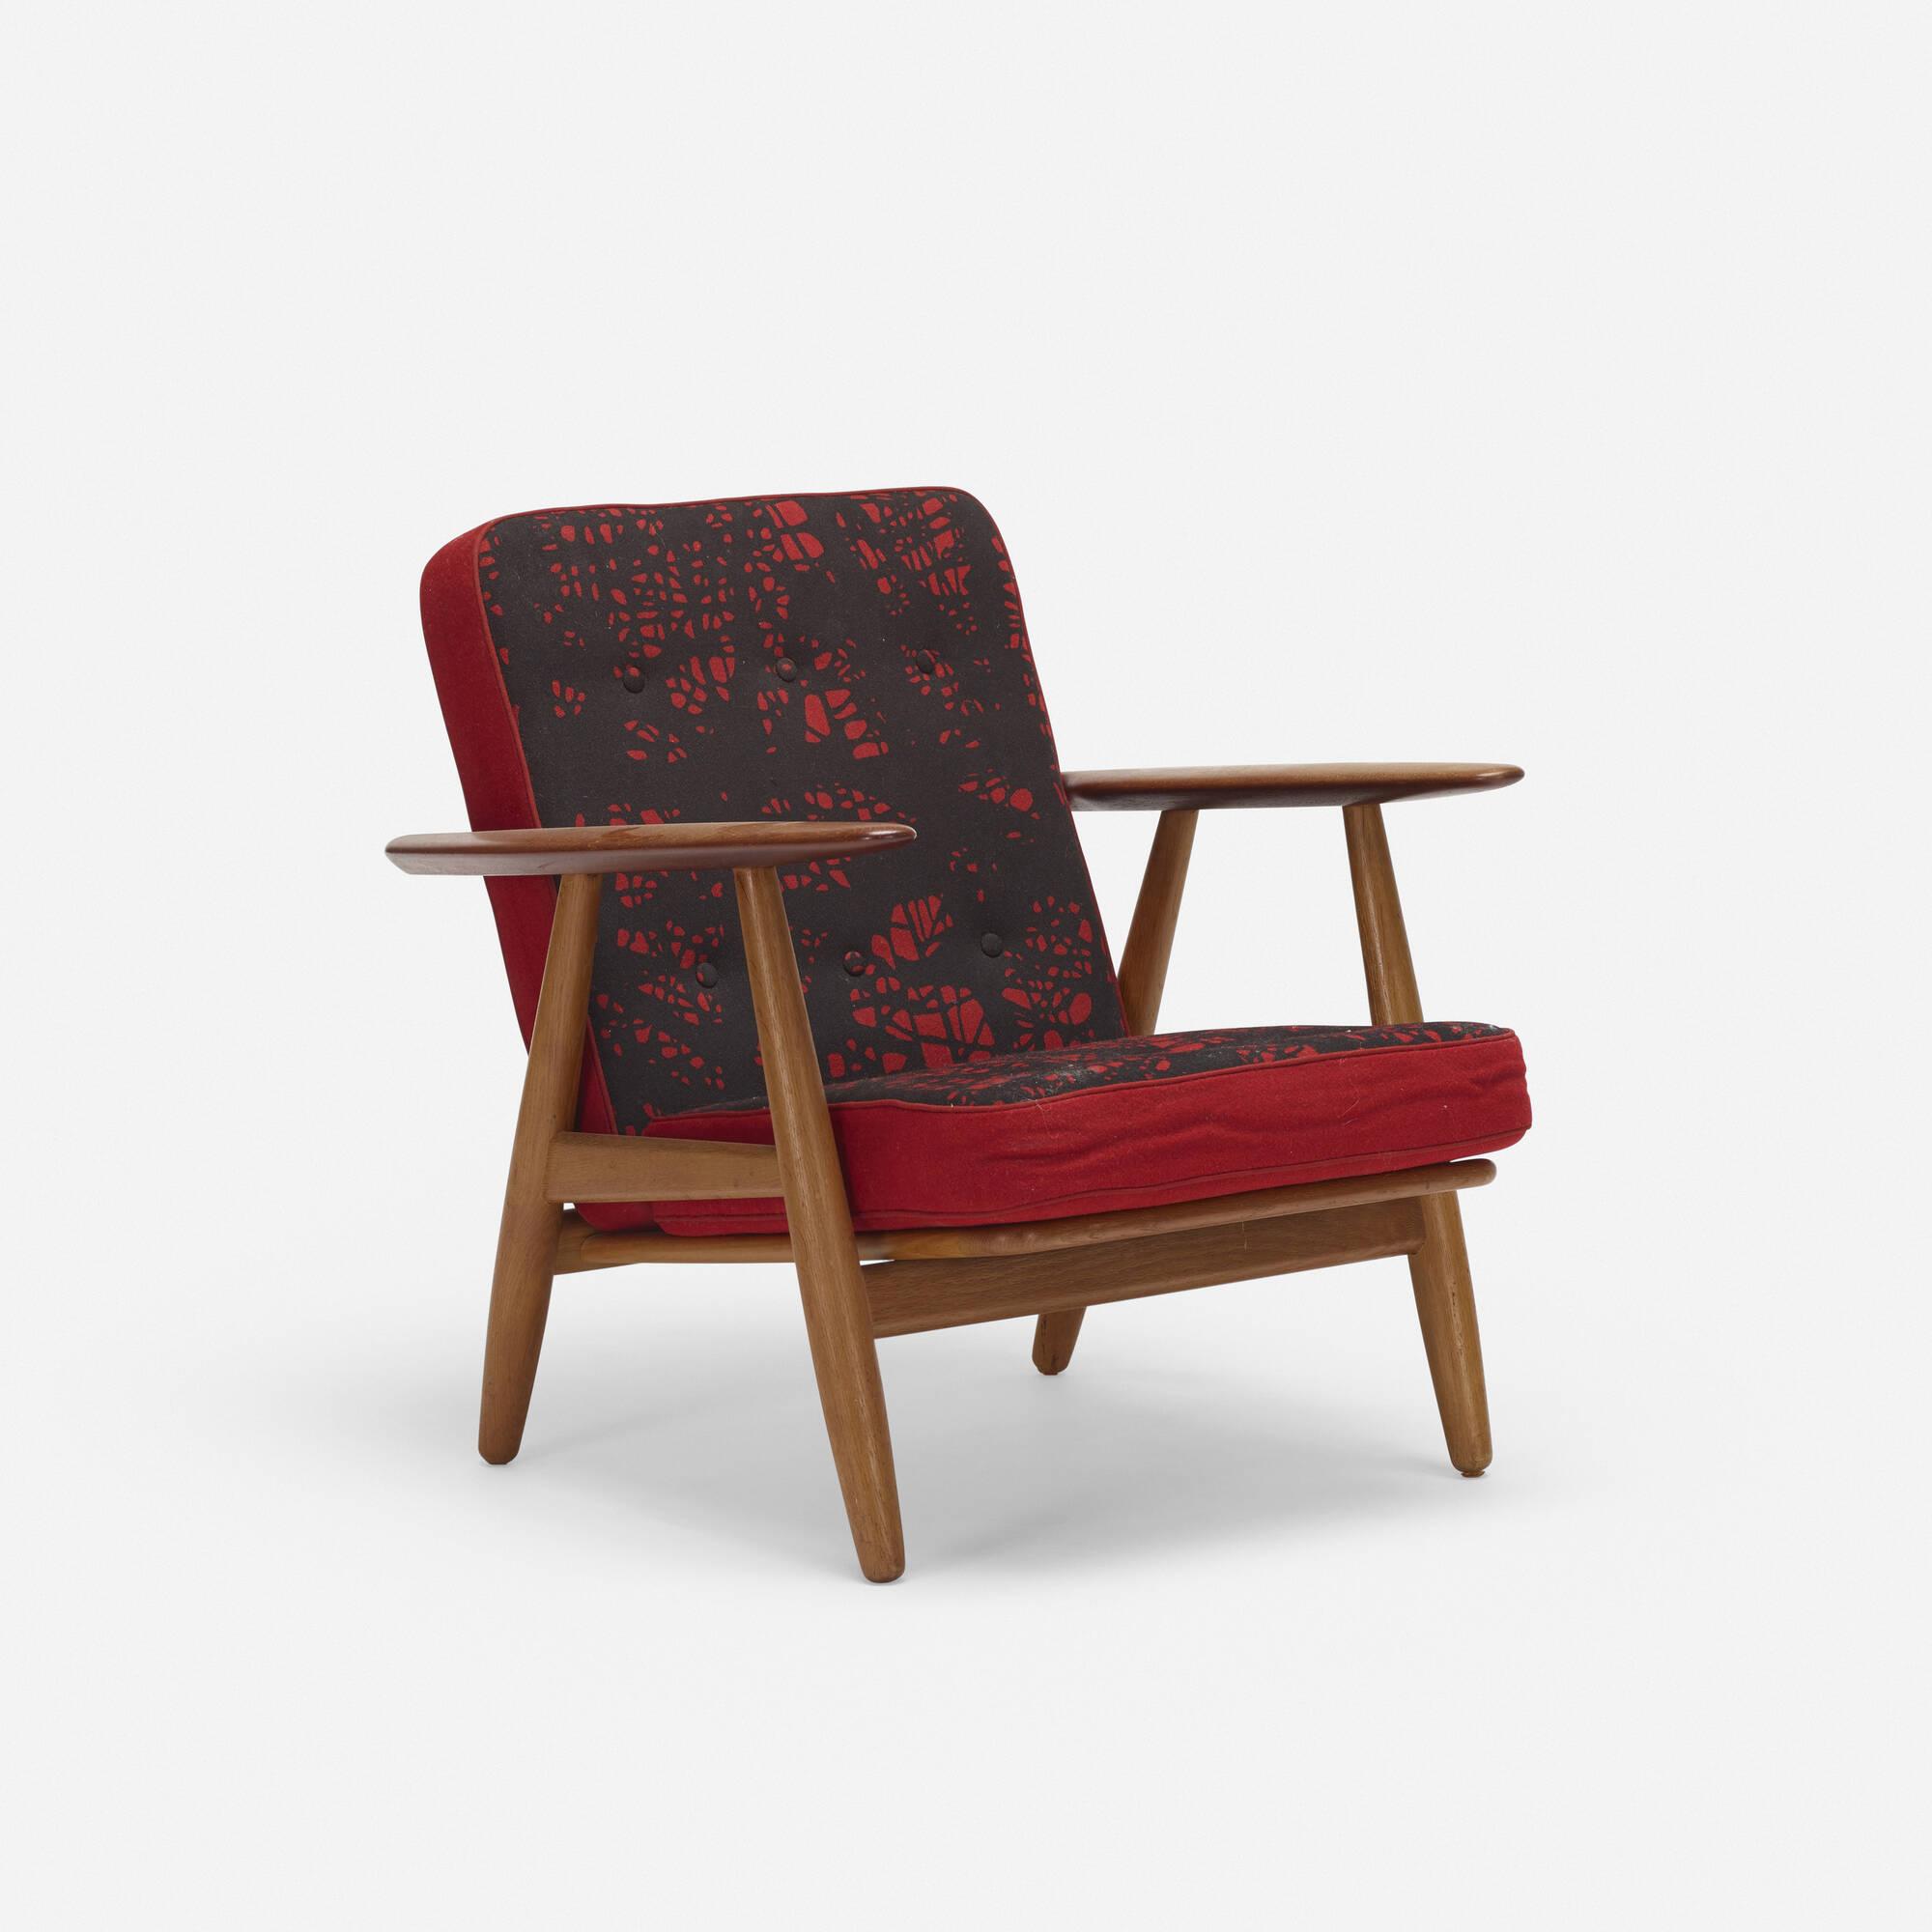 785: Hans J. Wegner / lounge chair, model GE240 (2 of 3)